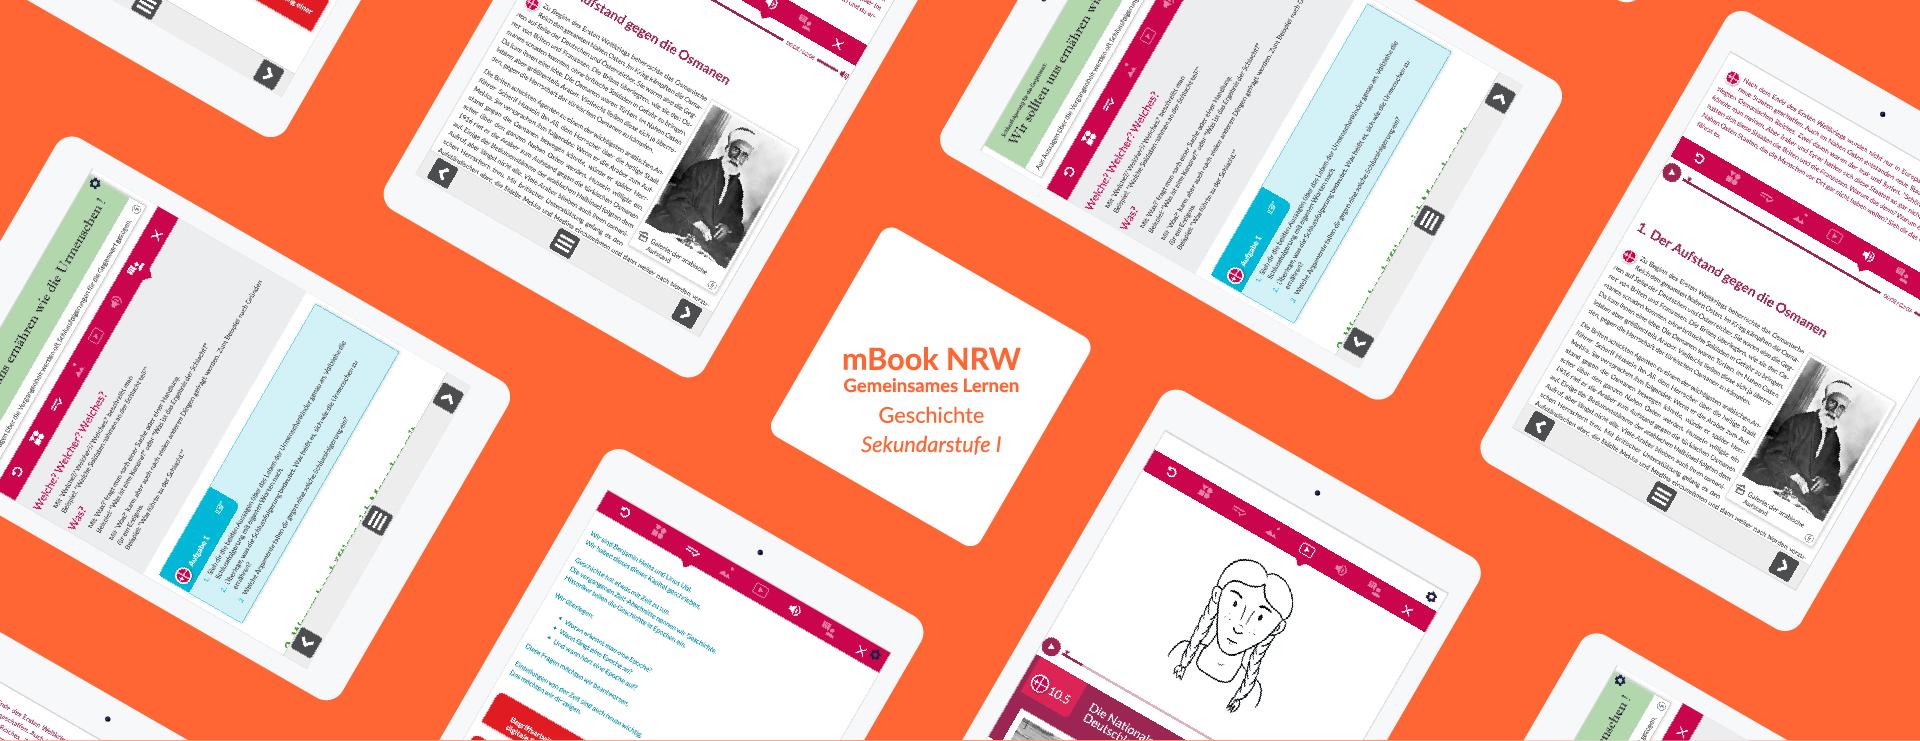 mBook NRW Geschichte Sekundarstufe Header; Institut für digitales Lernen